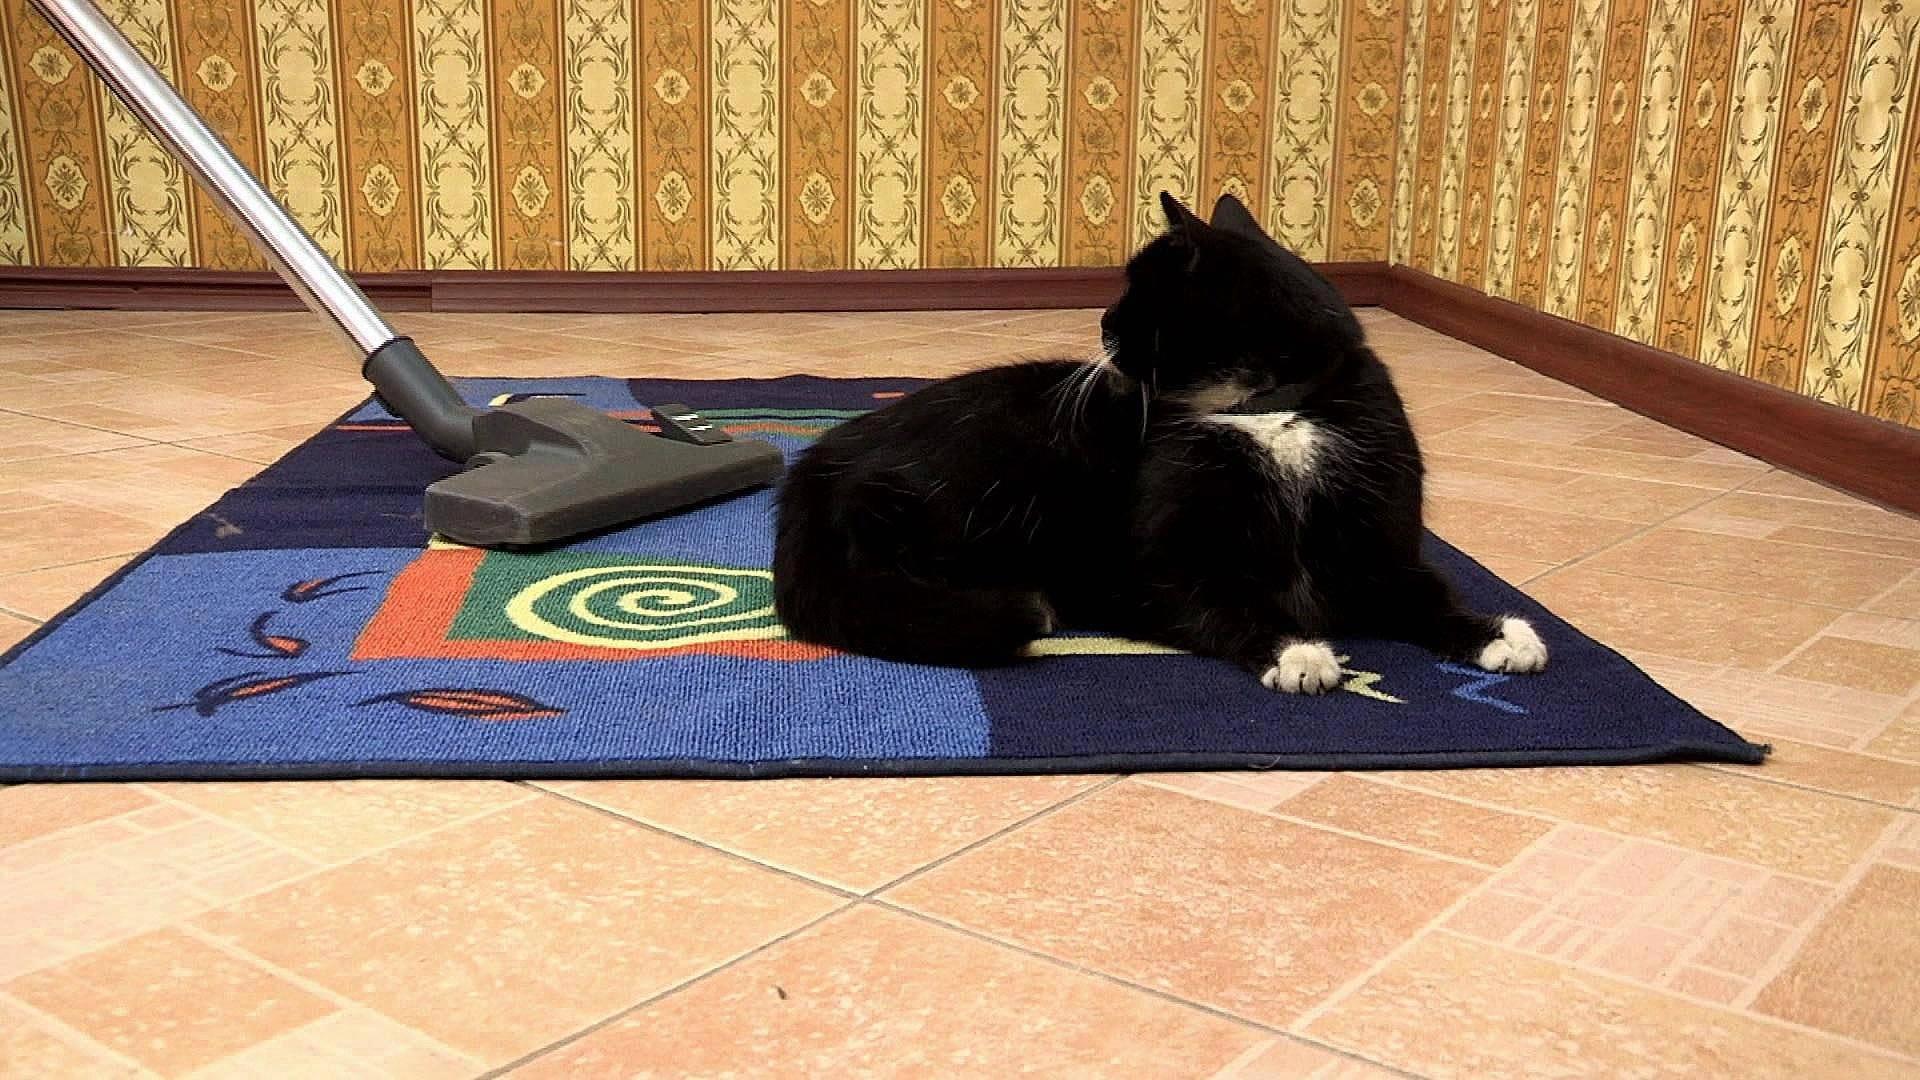 Как избавиться от шерсти домашних животных в доме | полезно (огород.ru)